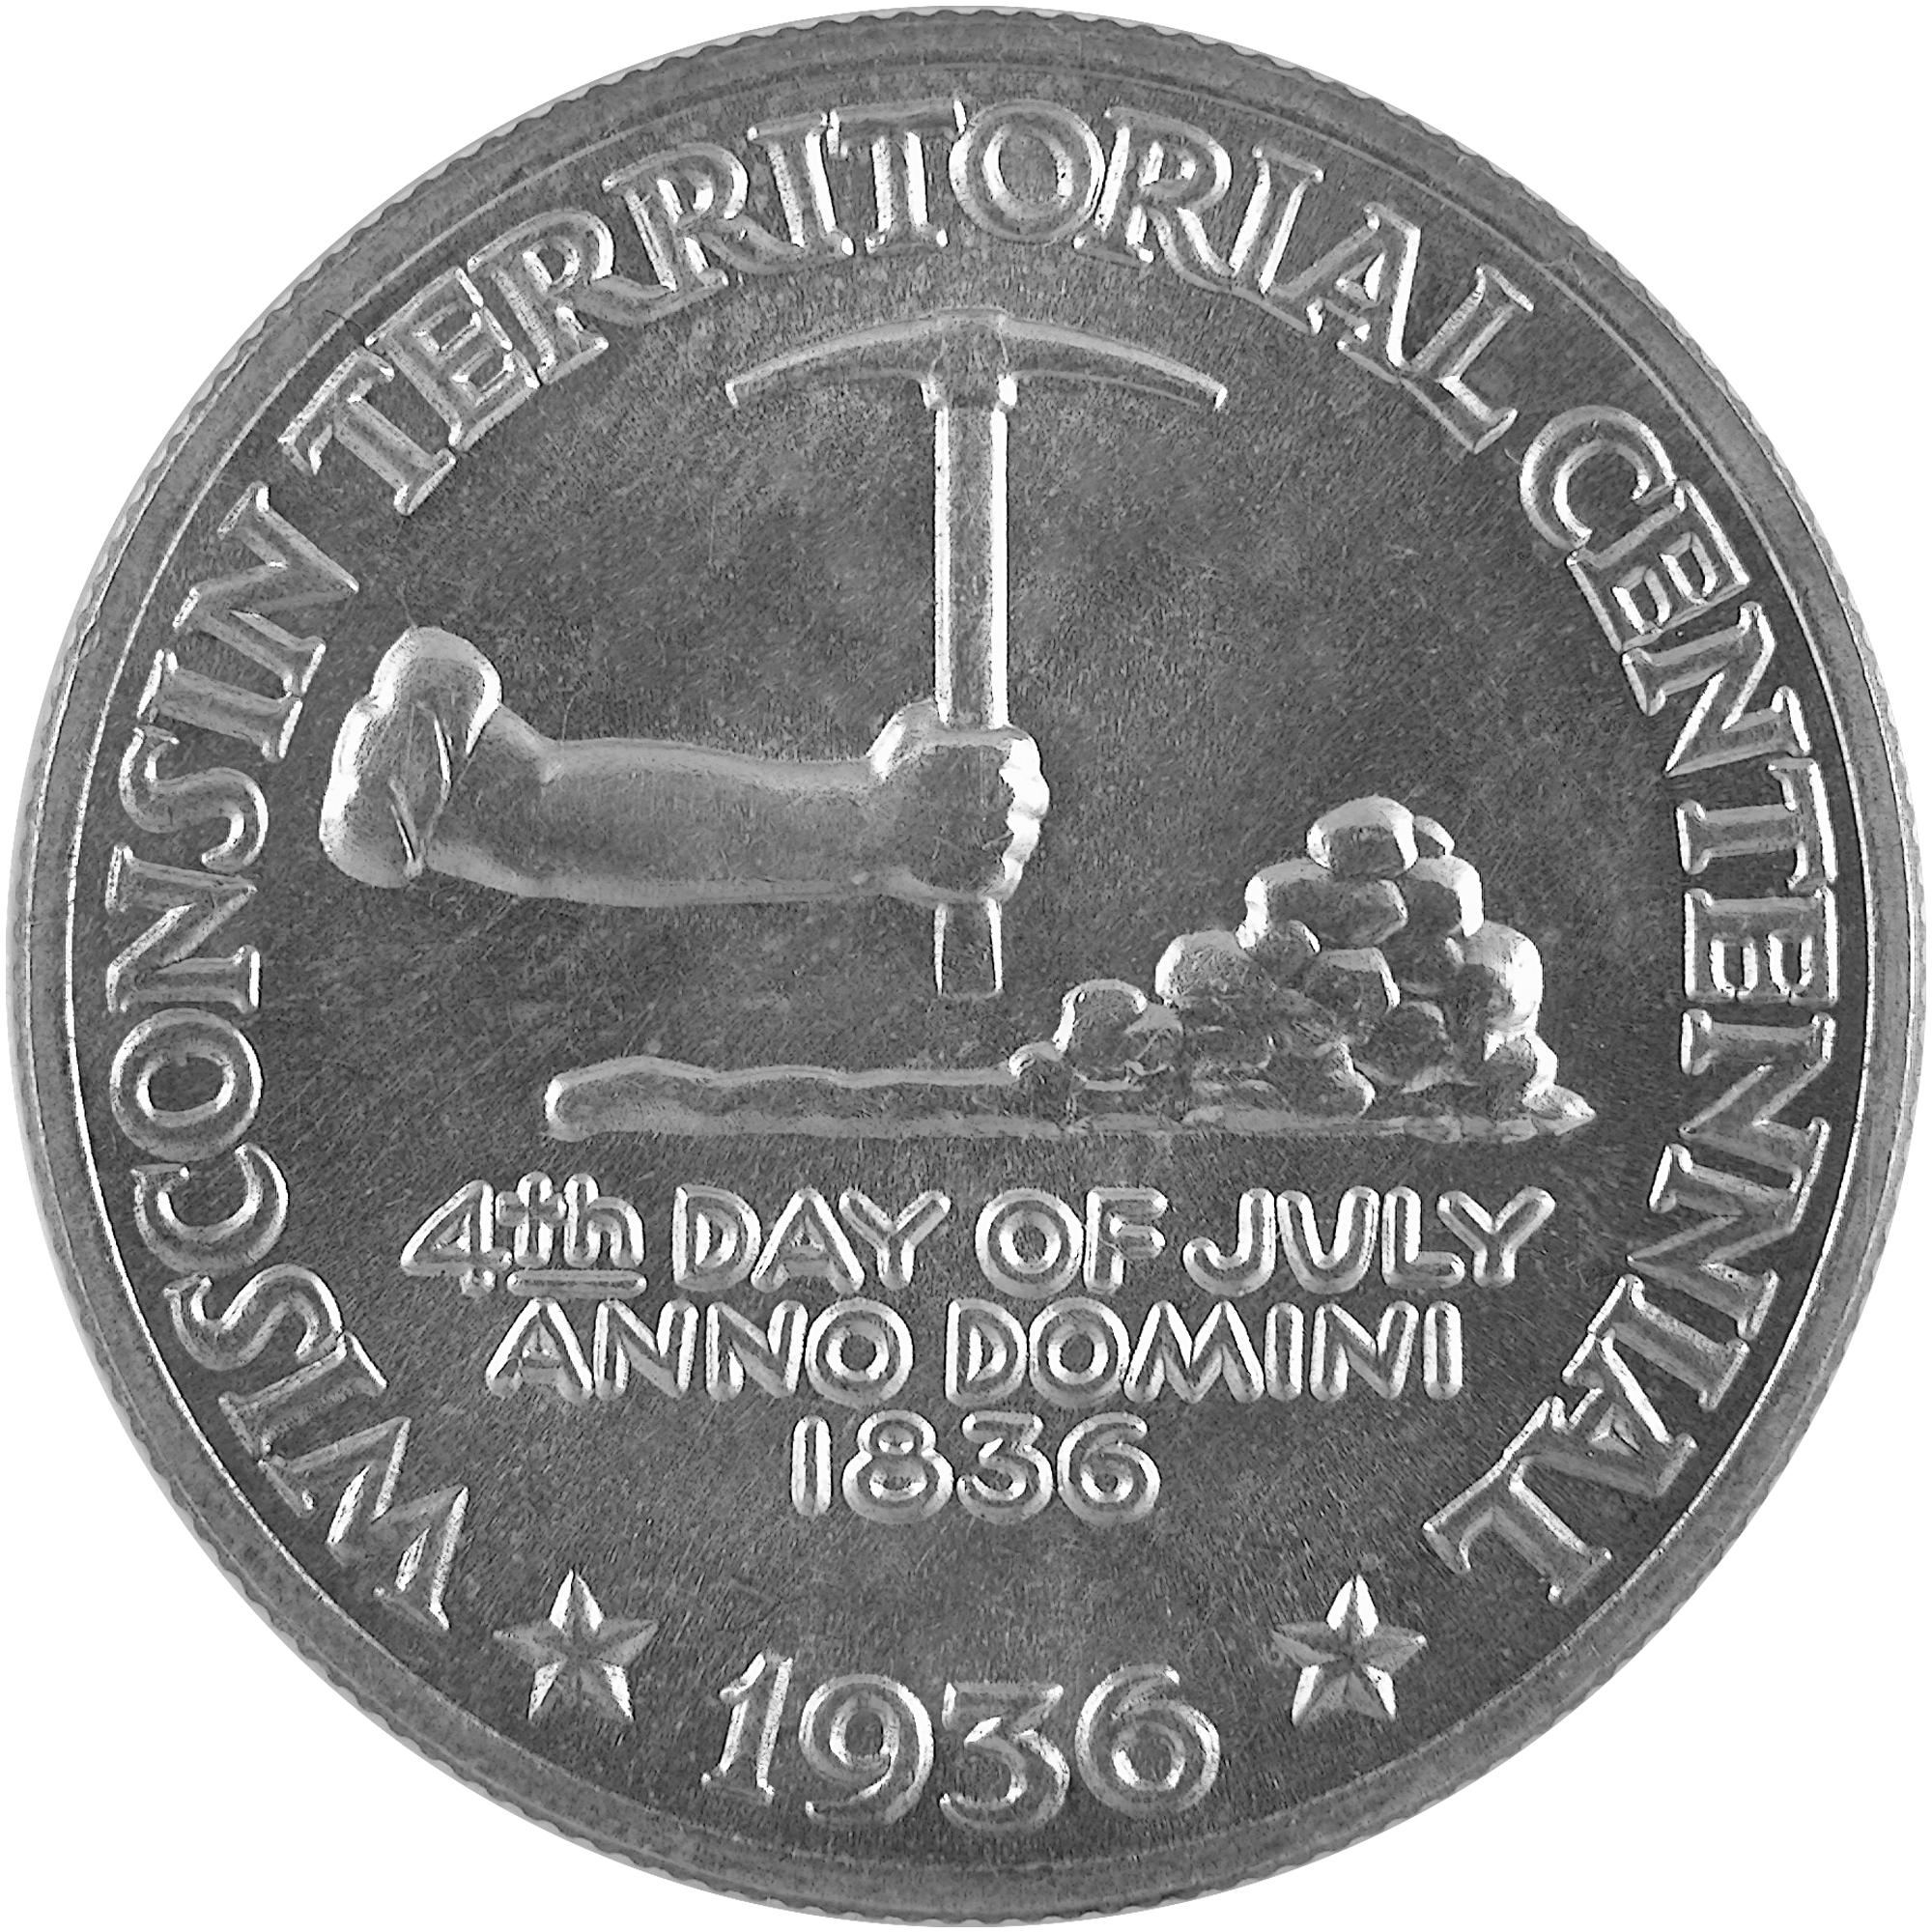 1936 Wisconsin Territory Centennial Commemorative Silver Half Dollar Coin Reverse